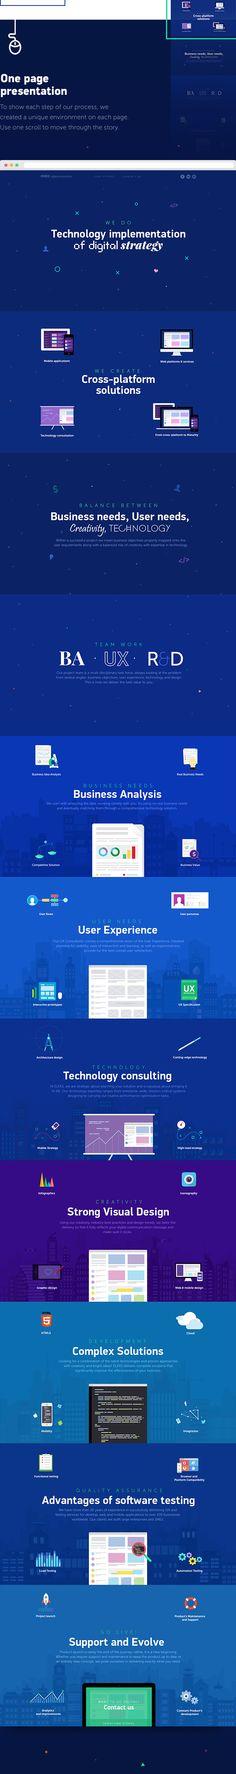 ELEKS Digital Production on Web Design Served